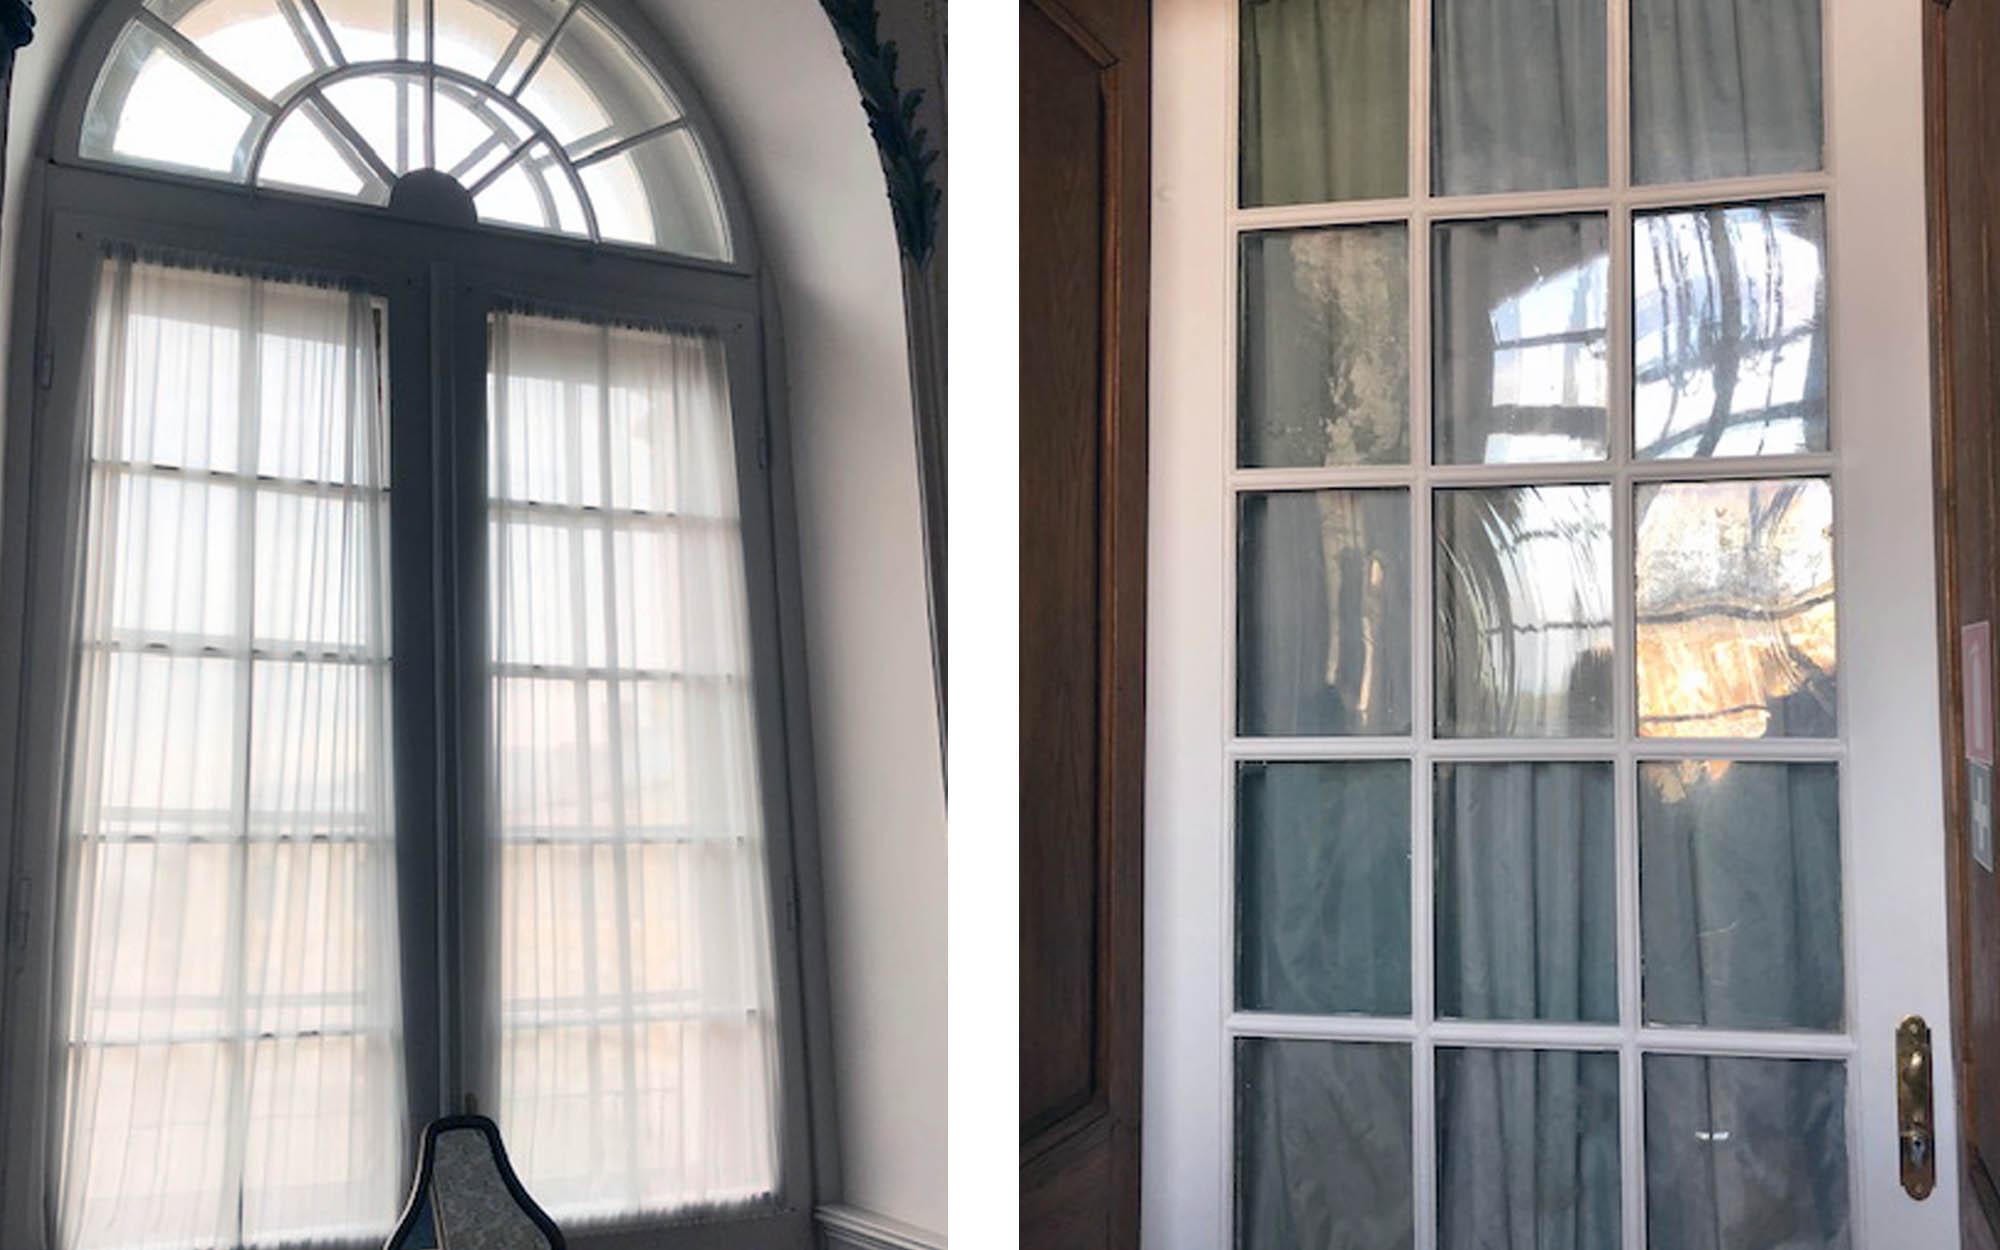 Vai pilī ir saglabājušies logi no 18. gadsimta?